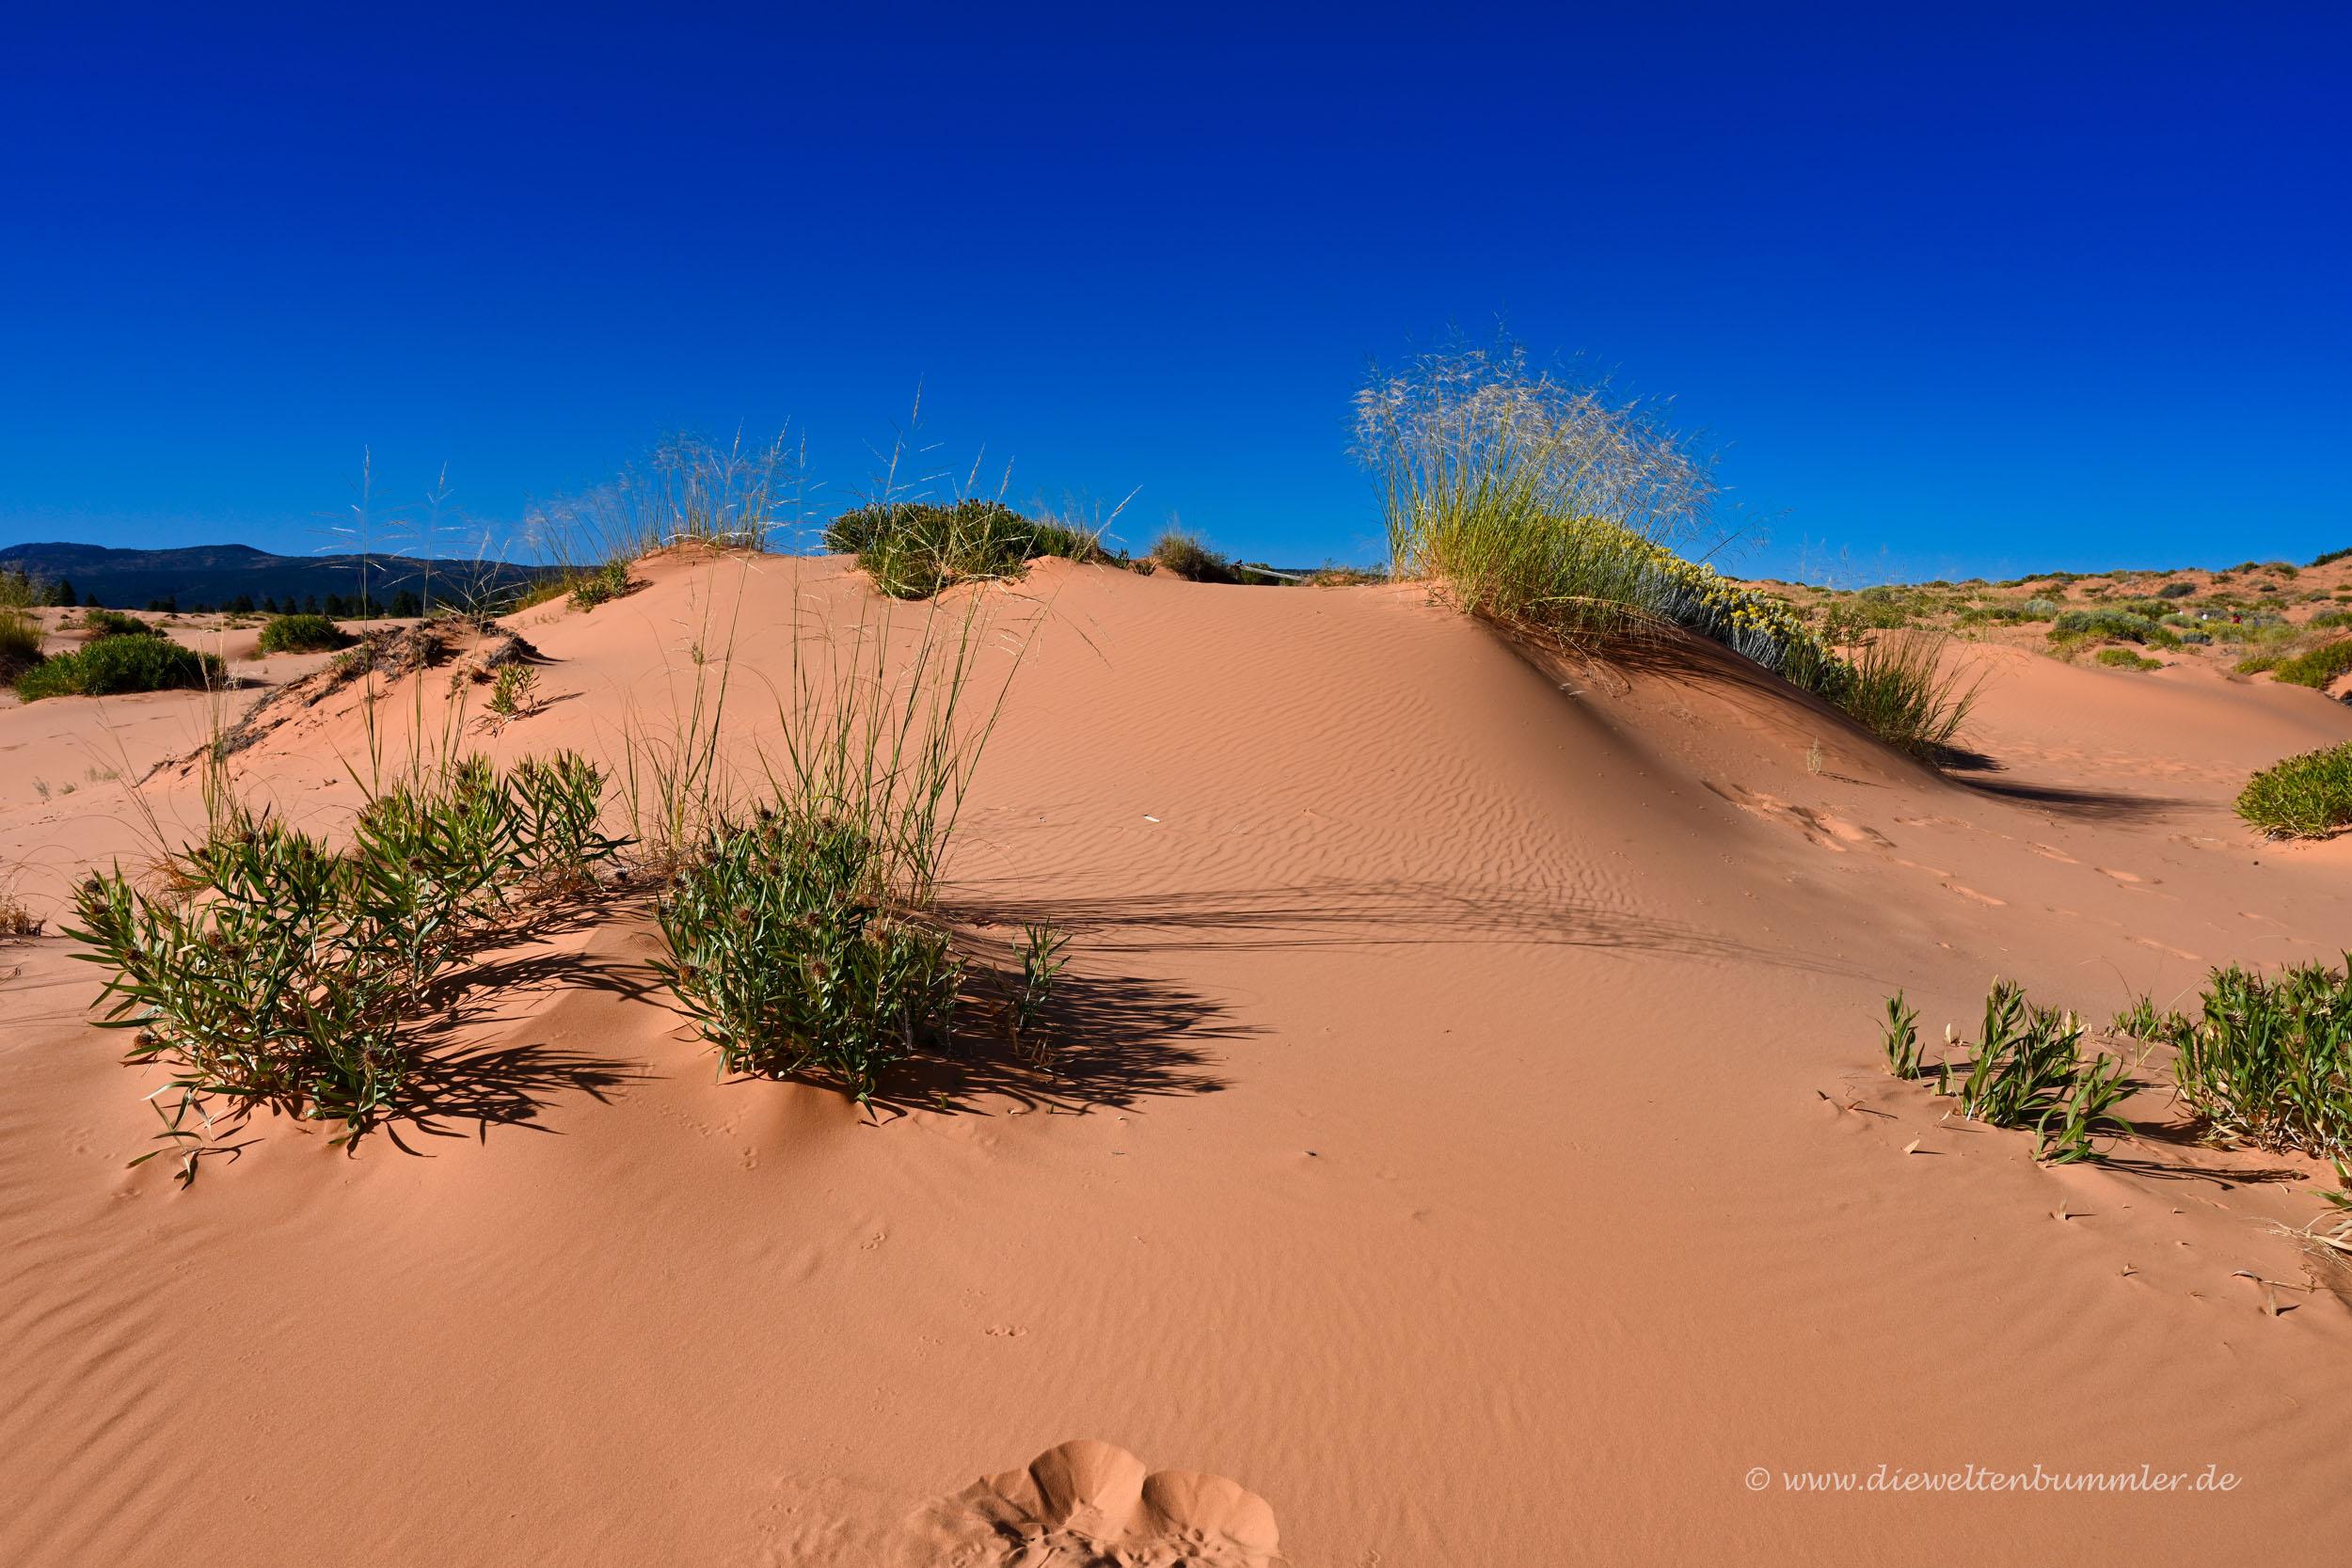 Sanddünen bei Kanab